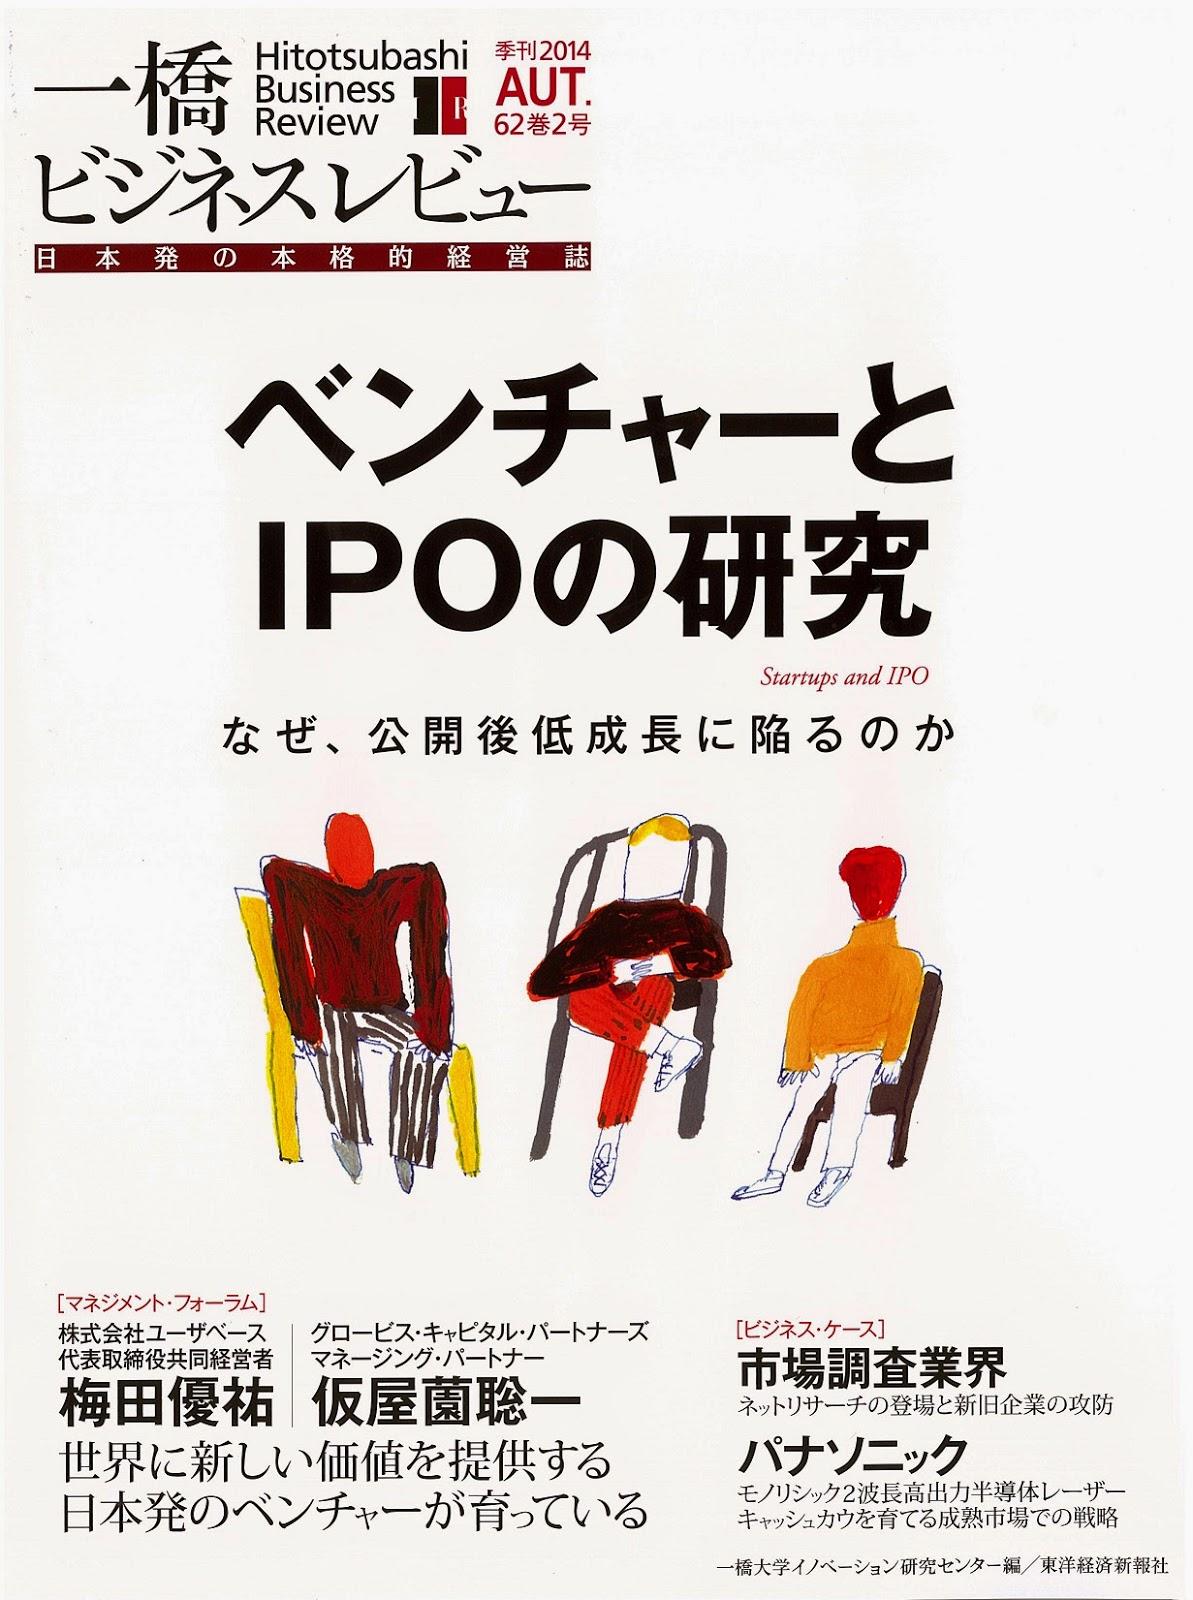 【一橋ビジネスレビュー】 2014年度 Vol.62-No.2